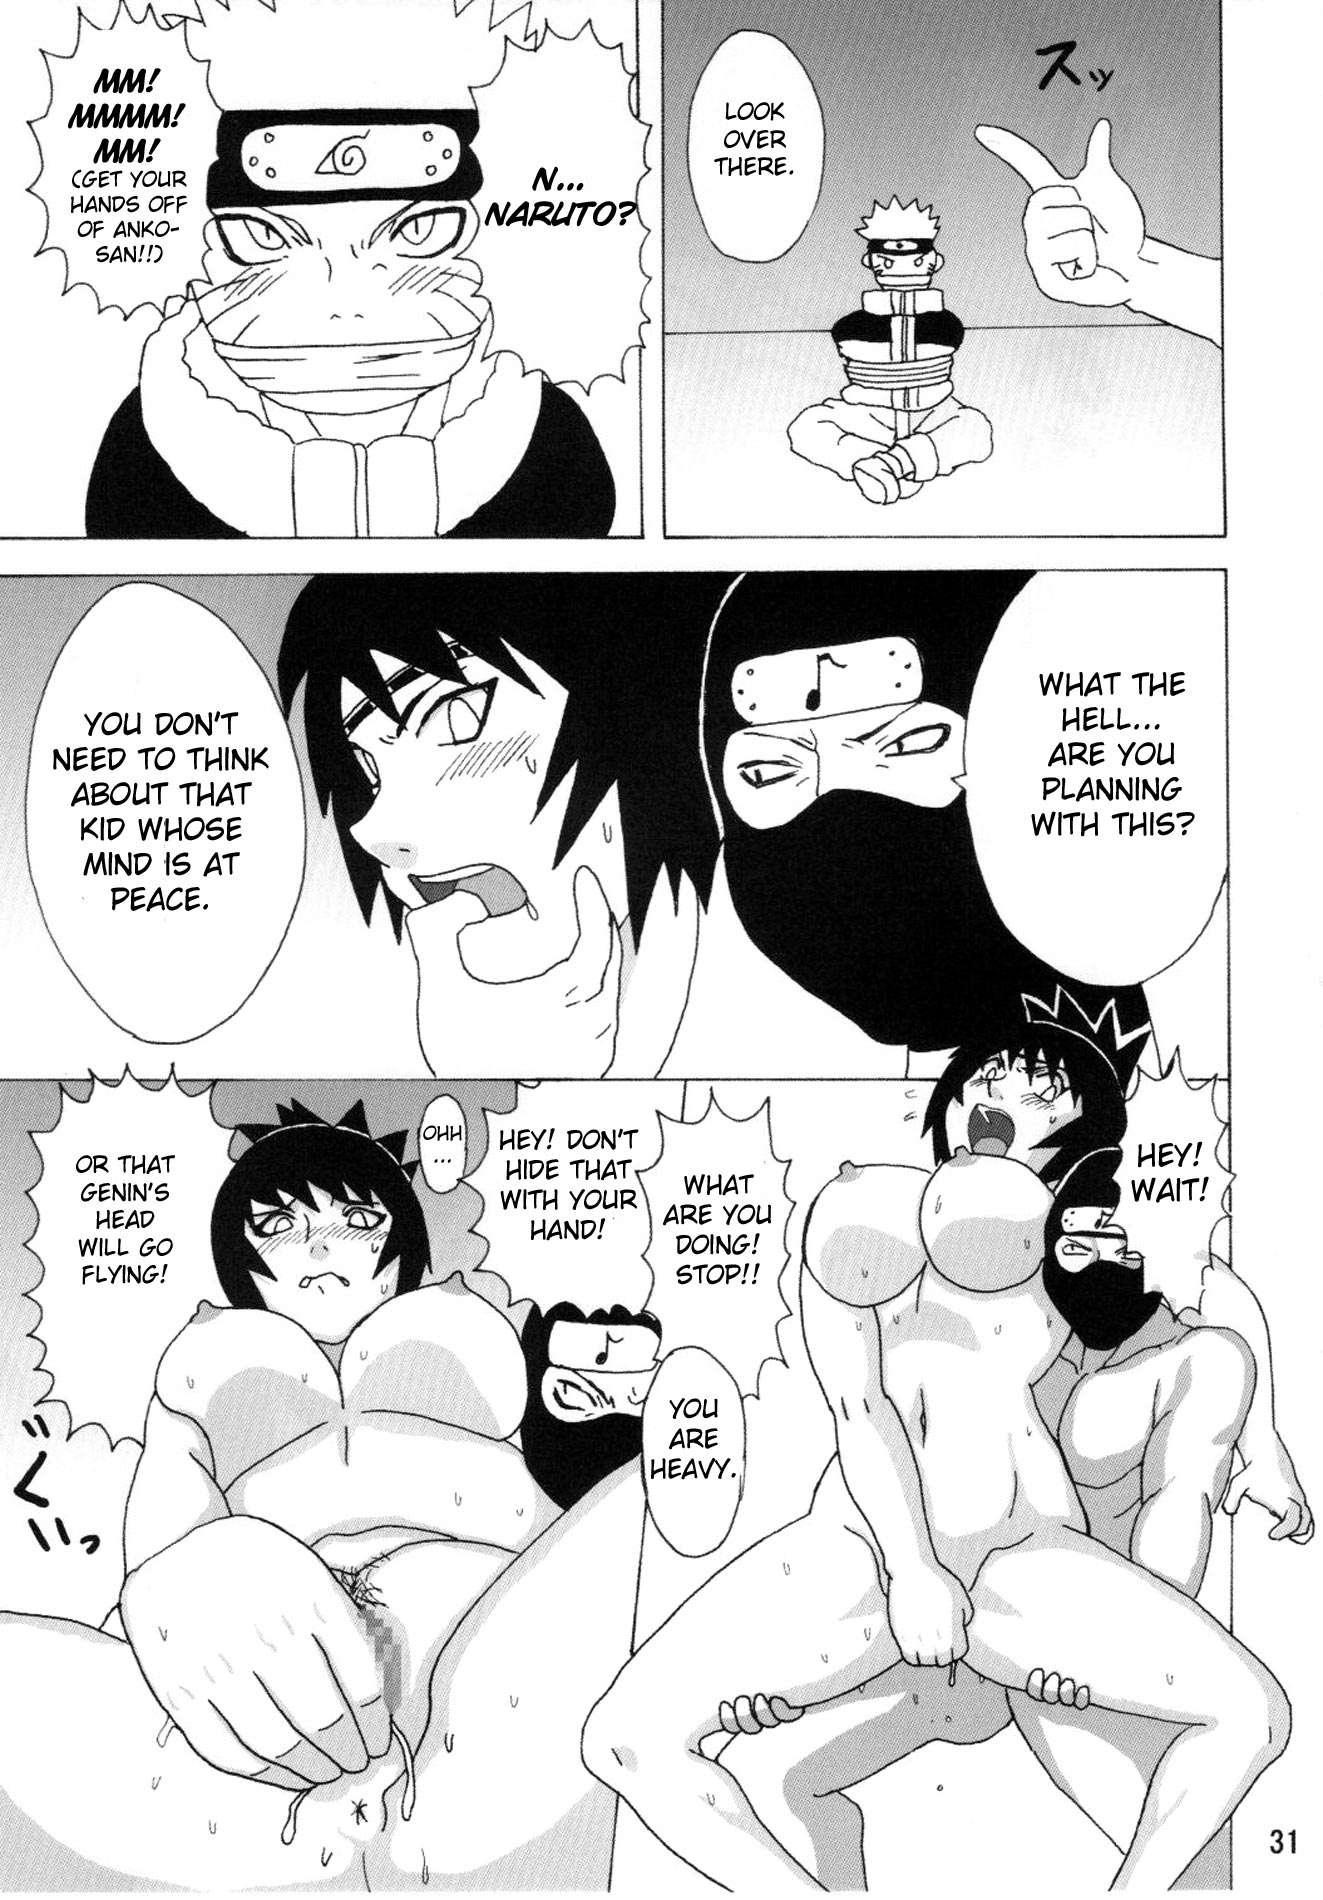 Anko Mitarashi Hentai Manga Good reading mitarashi anko hon (doujinshi) hentainaruho do - 1